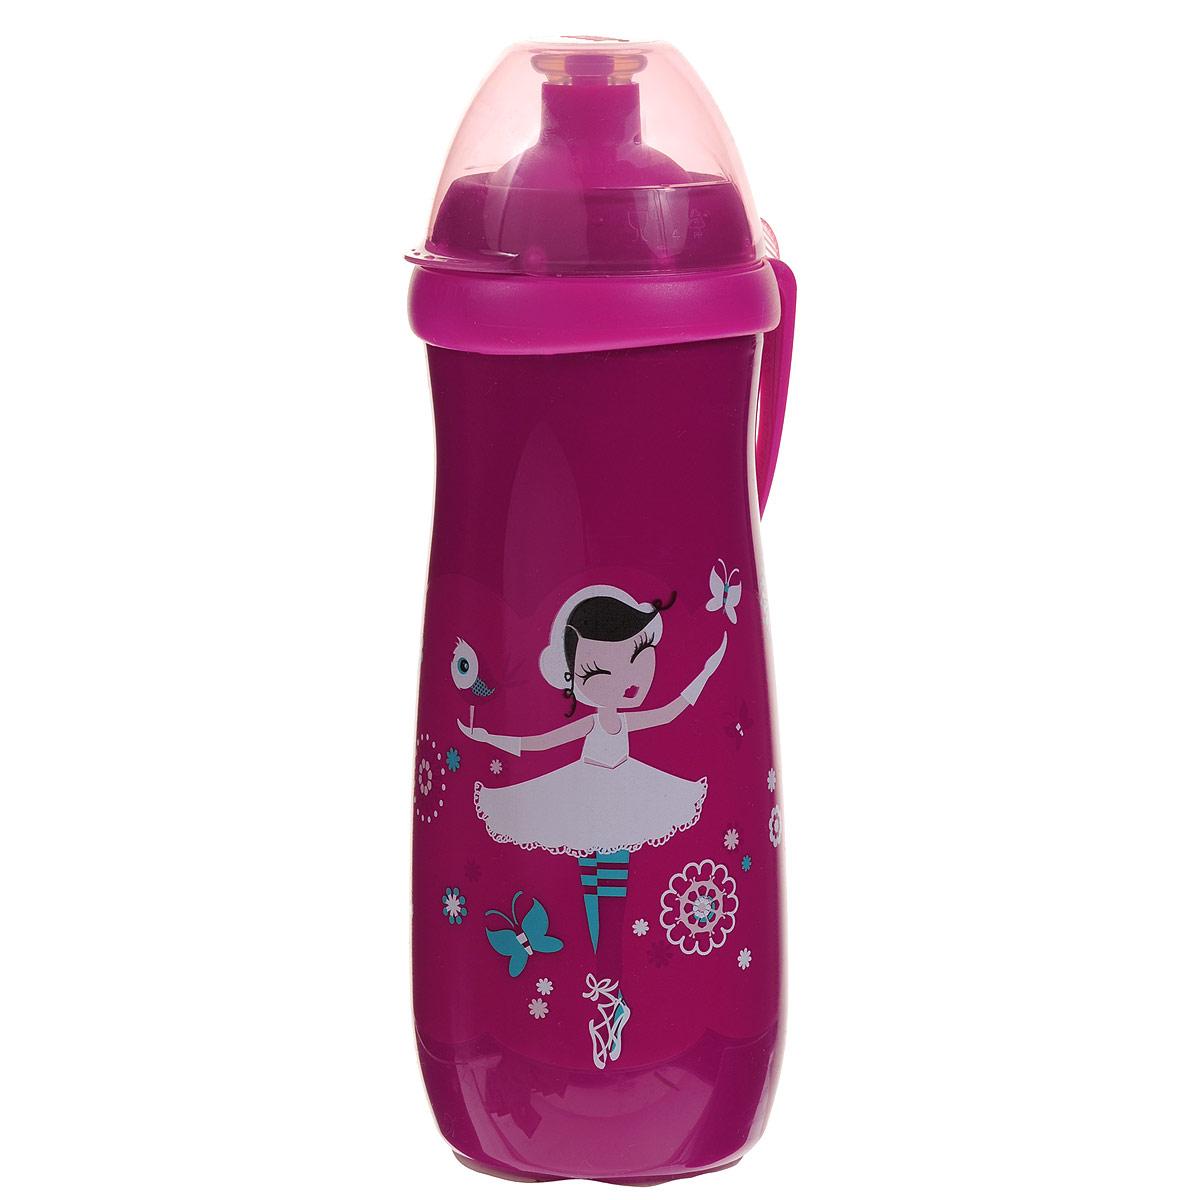 Поильник NUK Sports Cup, с насадкой тяни-толкай, 450 мл, от 36 месяцев, цвет: малиновый10750775_36 месПоильник NUK Sports Cup, изготовленный из прочного полипропилена (не содержит бисфенол A), разработан специально для детей от 36 месяцев. Поильник имеет мягкую насадку для питья тяни-толкай, которая не протекает, даже если поильник перевернуть вверх дном, и защелкивающийся прозрачный колпачок, обеспечивающий гигиеничность. Благодаря ультра-легкому и прочному эргономичному дизайну, бутылочку-поильник удобно держать как взрослому, так и ребенку, а пластиковая клипса позволит легко и надежно прикрепить бутылочку к коляске, сумке или одежде. Симпатичные рисунки привлекут внимание крохи и подарят радость и яркие впечатления.